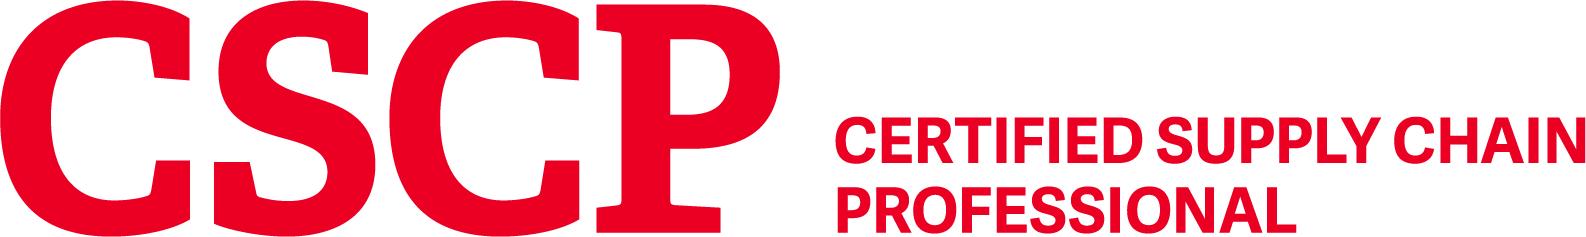 CSCP_HRZ.jpg